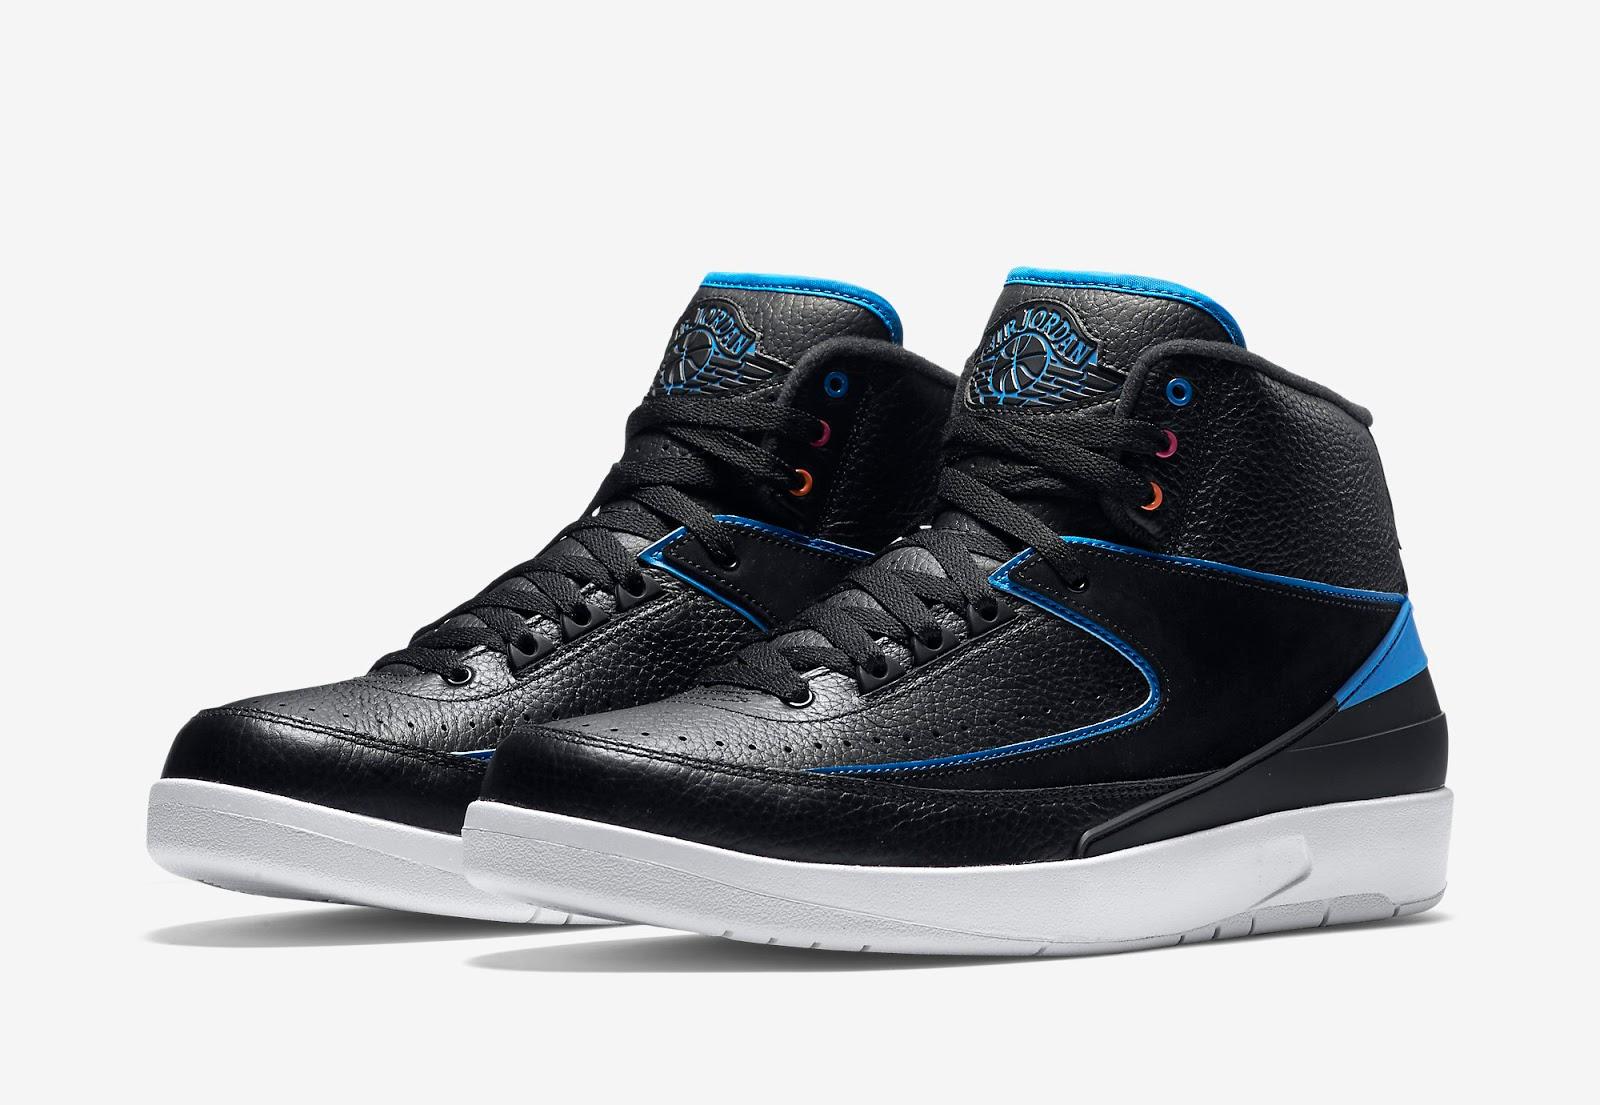 air jordan 2 black and blue